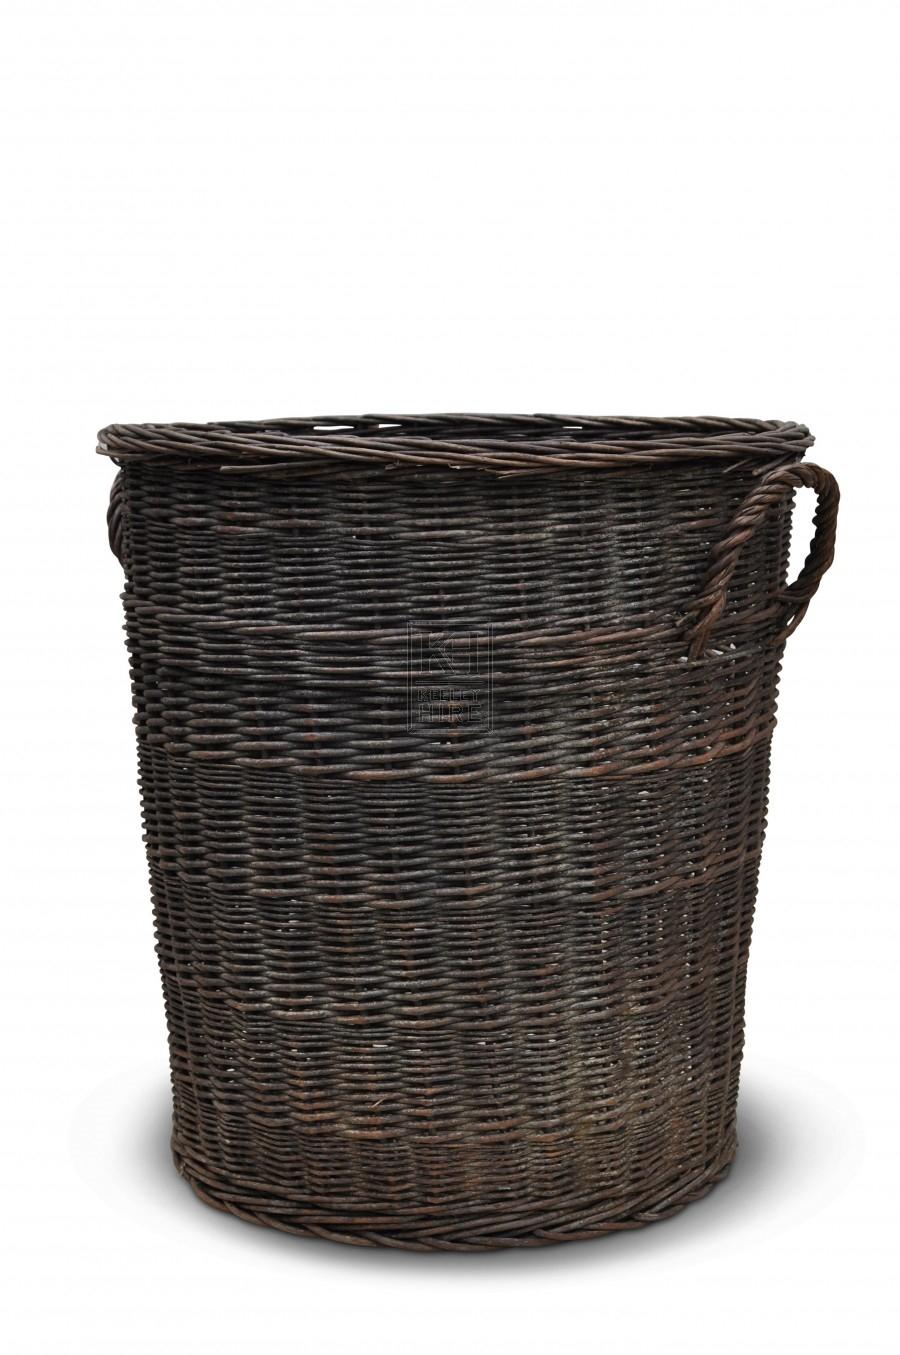 Large Farm / Veg Baskets